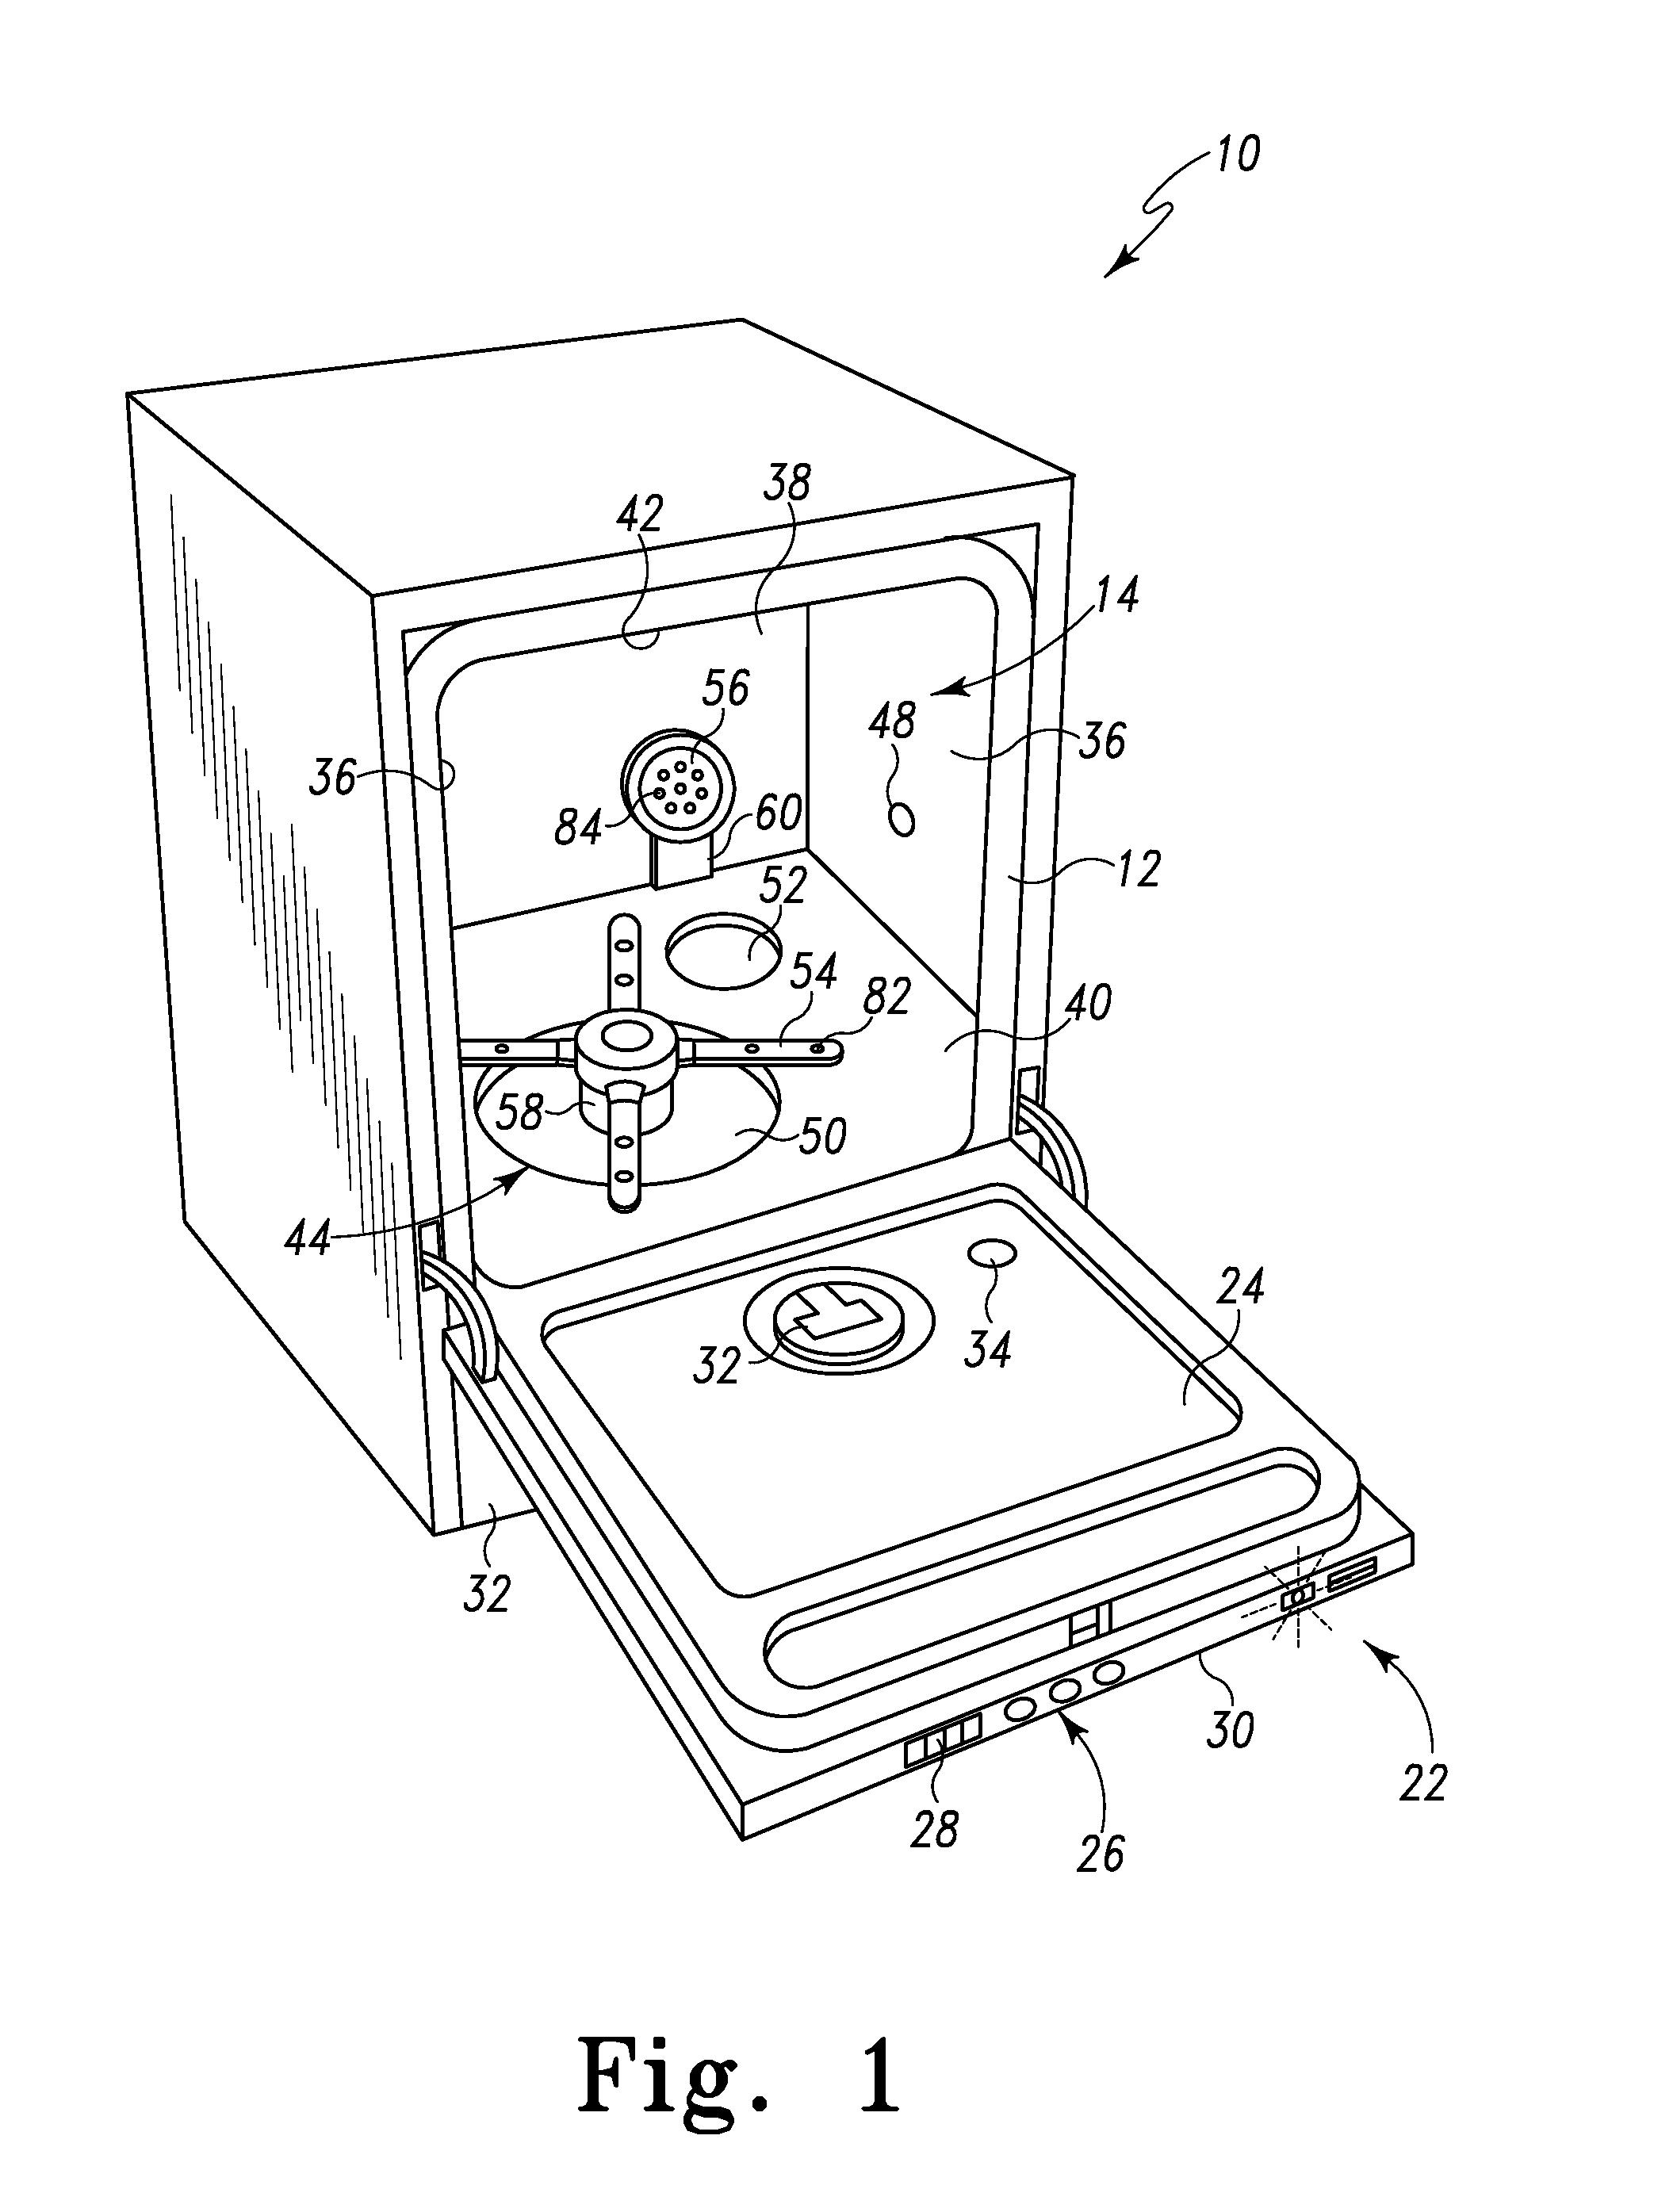 dishwasher plumbing diagram circuitdata mx tldishwasher wiring code dishwasher air gap diagram dishwasher wiring diagram ge dishwasher wiring diagrams dishwasher circuit